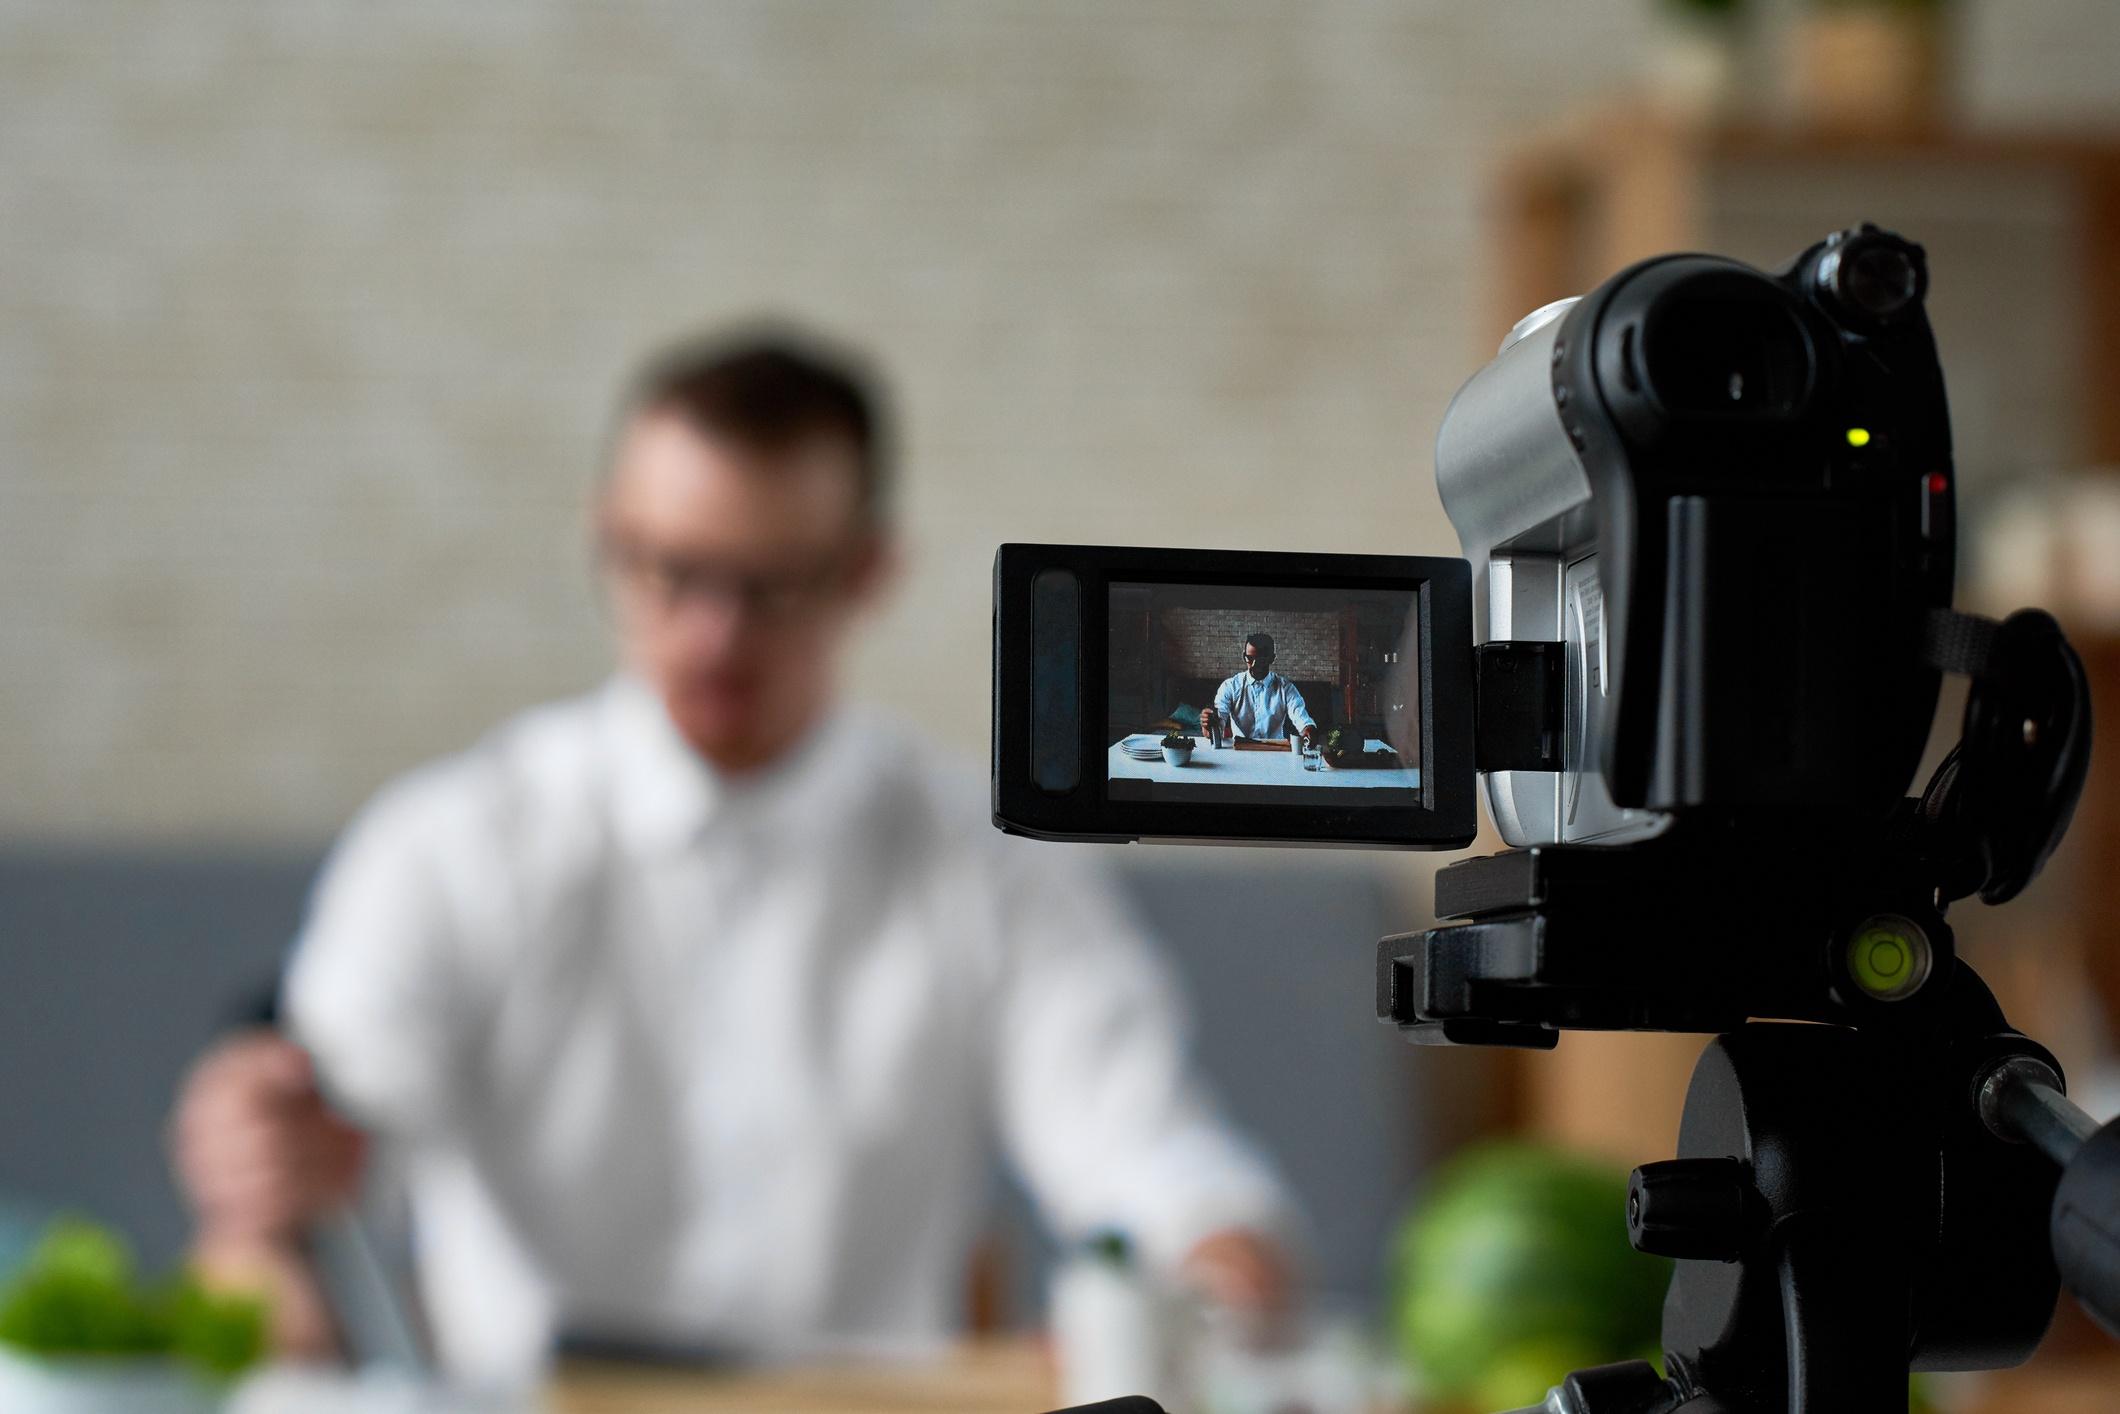 Man taking video. JConnelly blog-Create Thumb-Stopping Videos for Social Media  .jpg